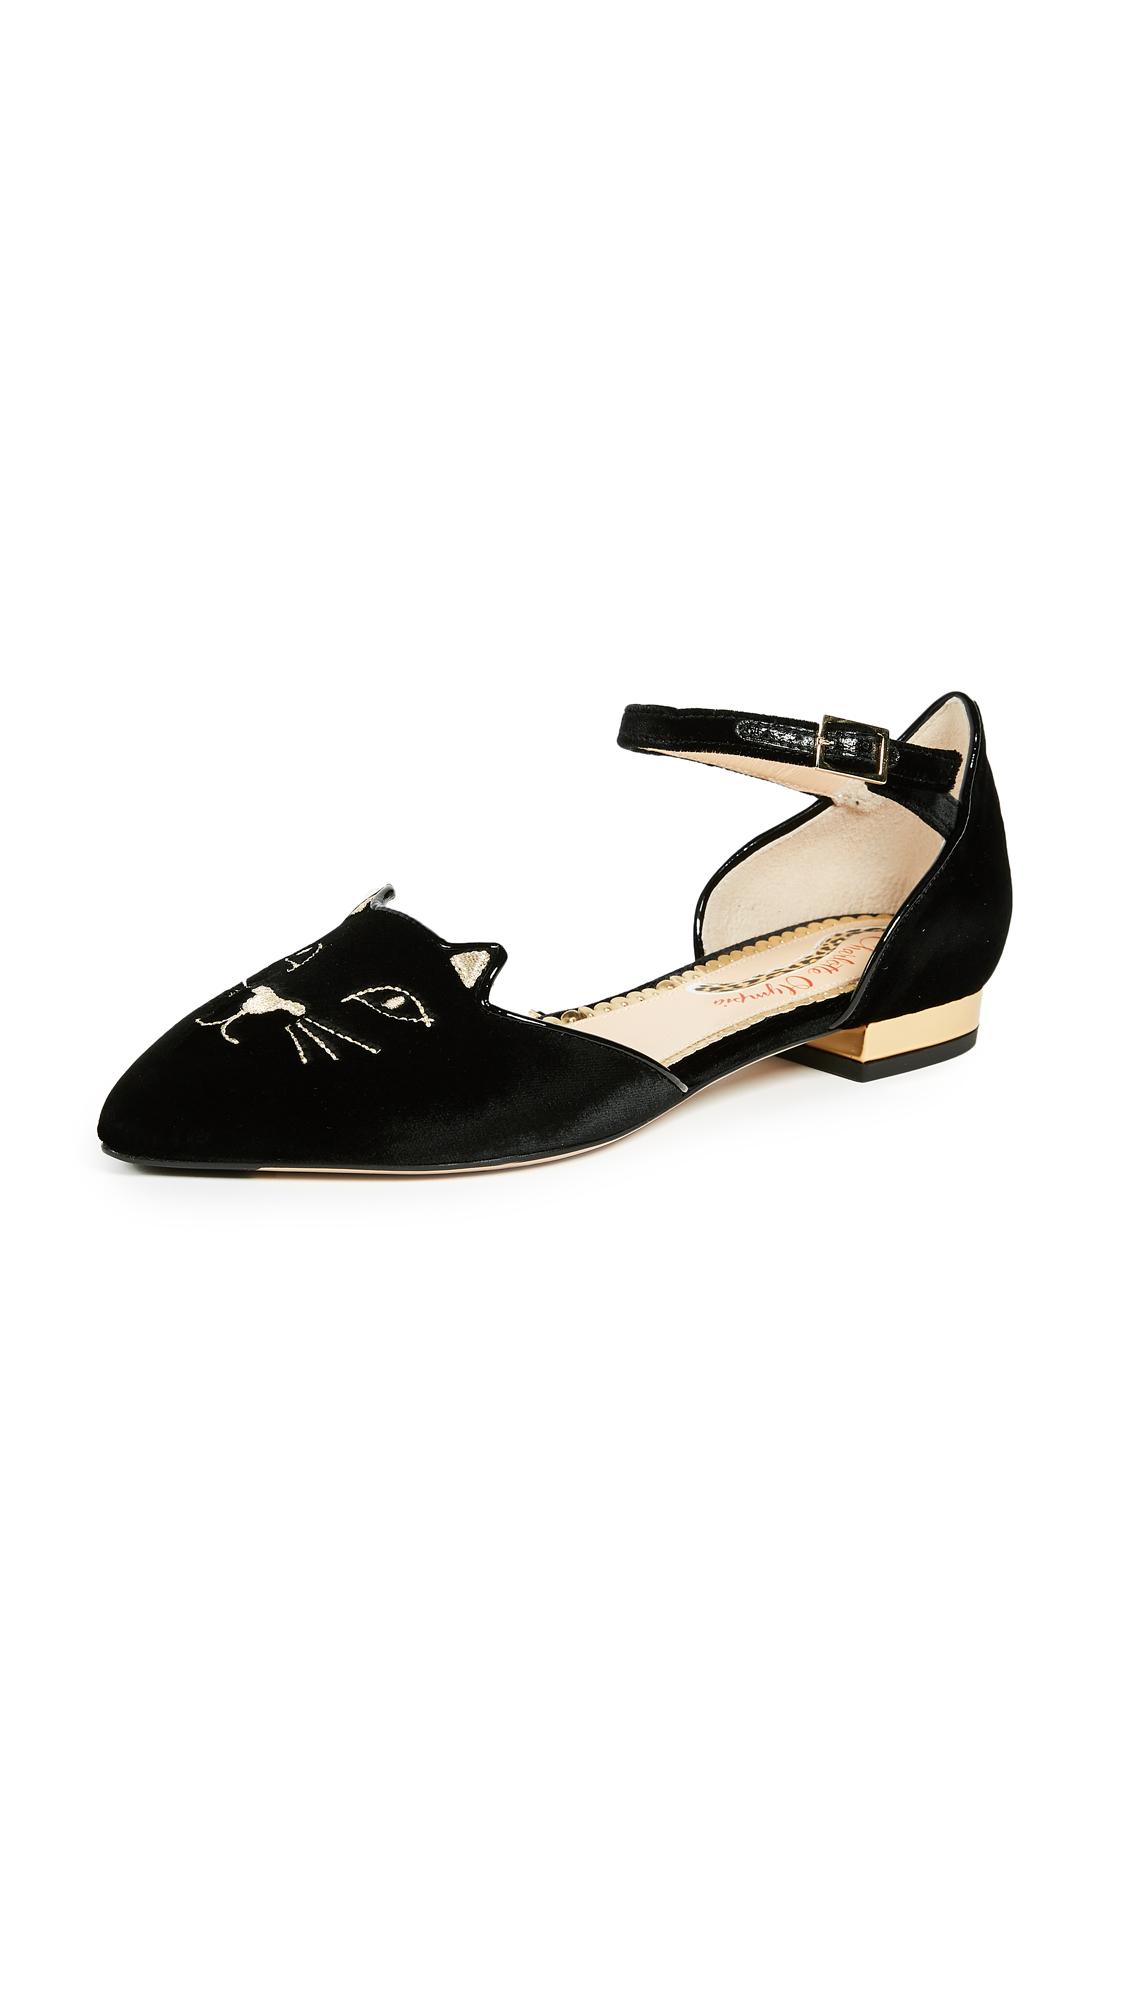 Charlotte Olympia Mid Century Kitty dOrsay Flats - Black/Gold